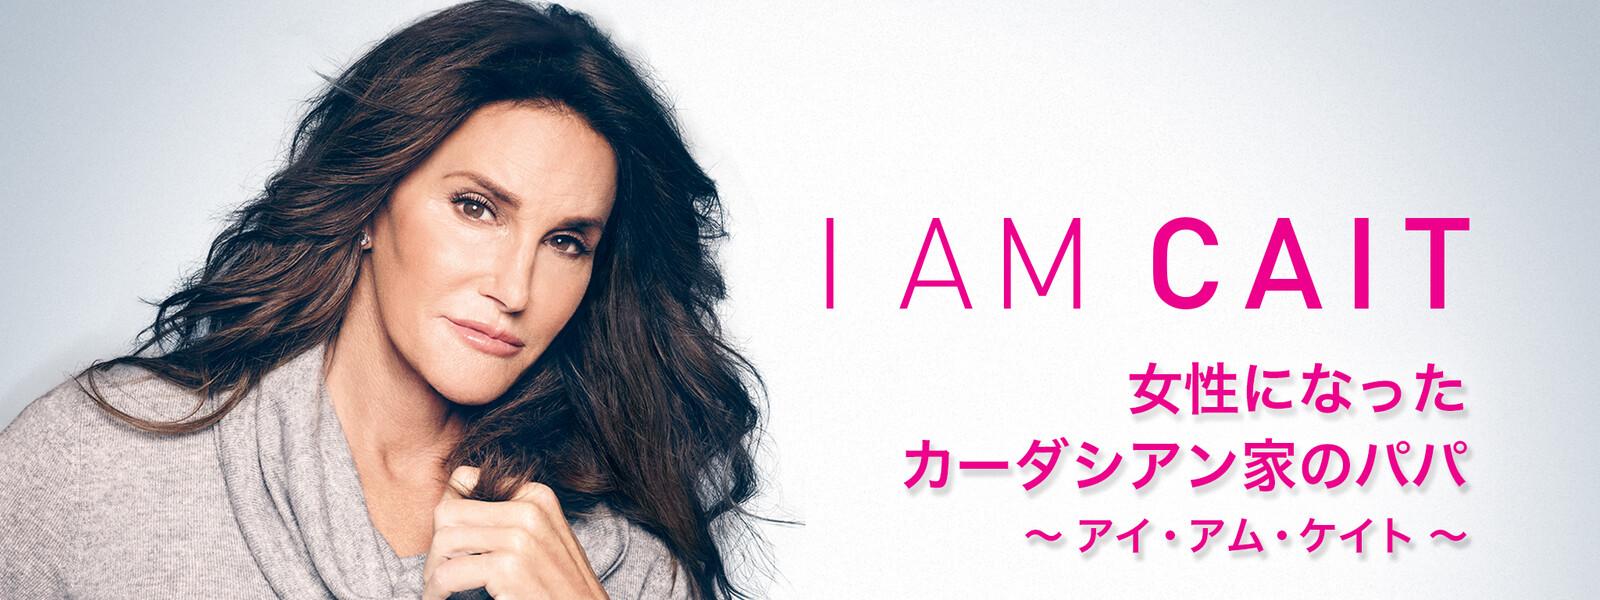 女性になったカーダシアン家のパパ ~アイ・アム・ケイト~ シーズン1 動画